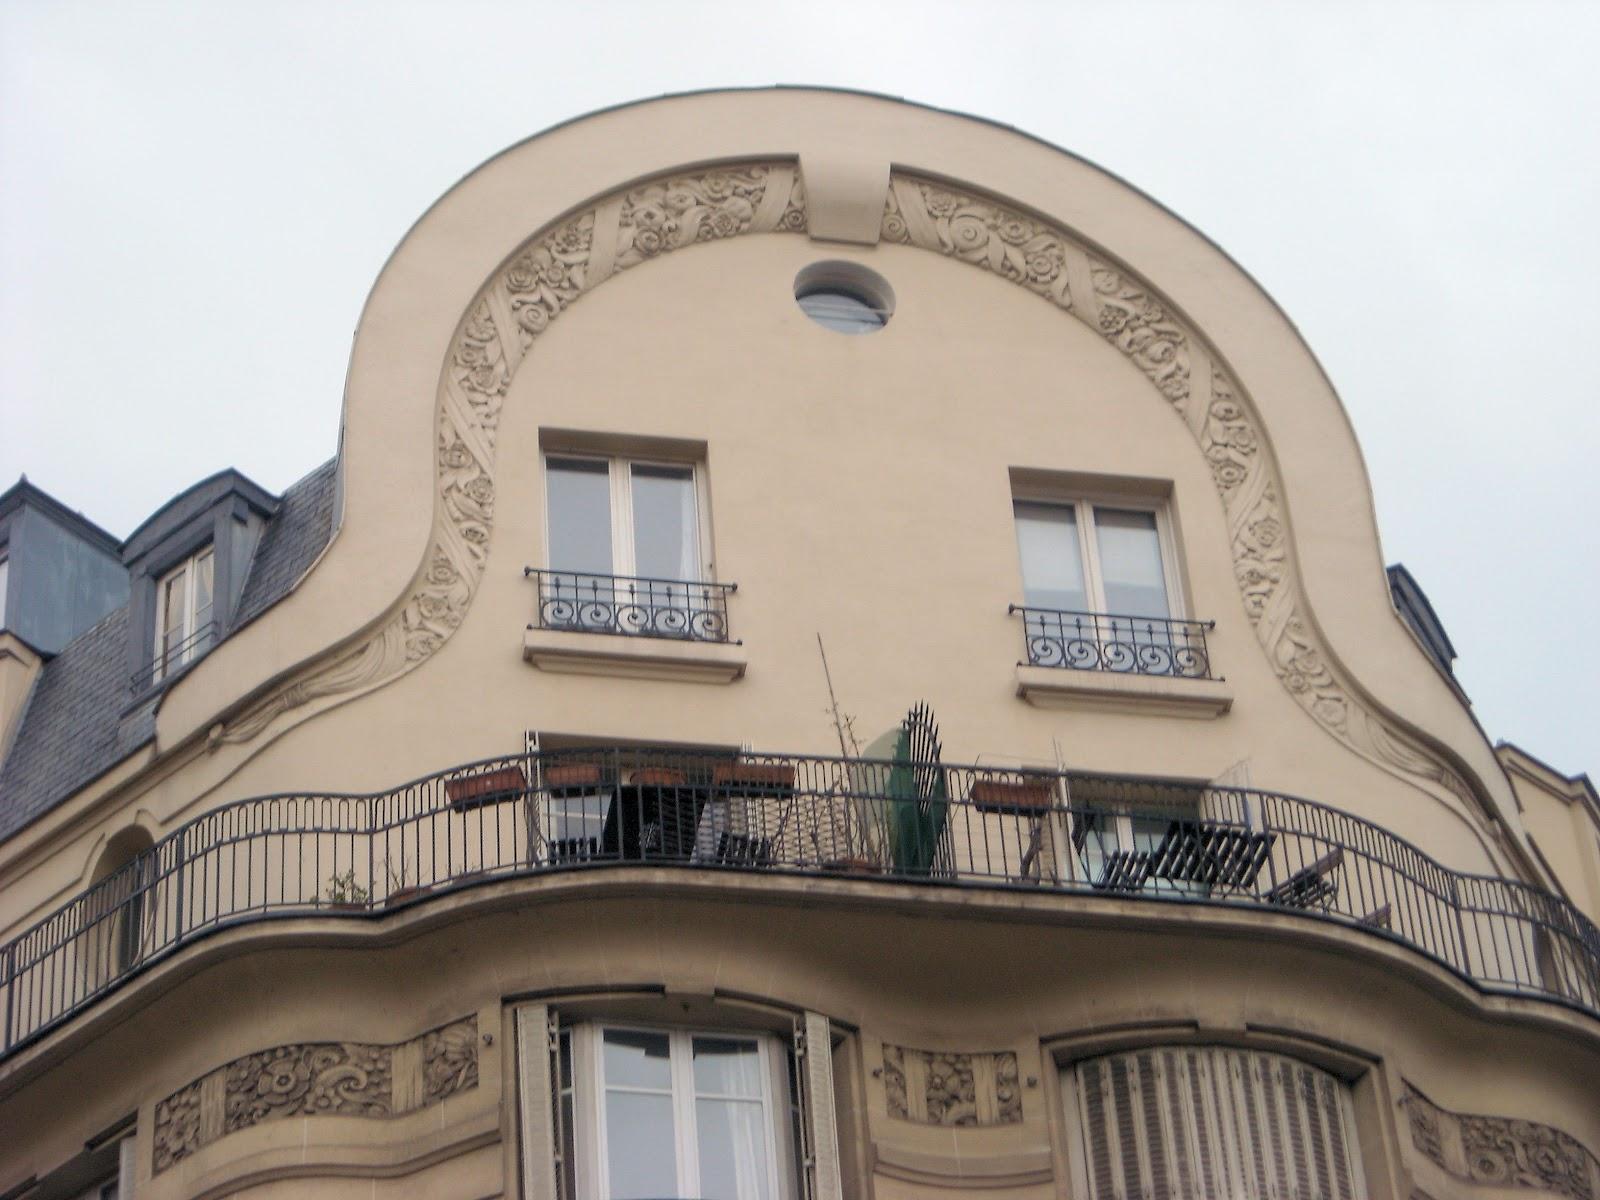 Le mouvement moderne en architecture 28 images for Architecture parisienne